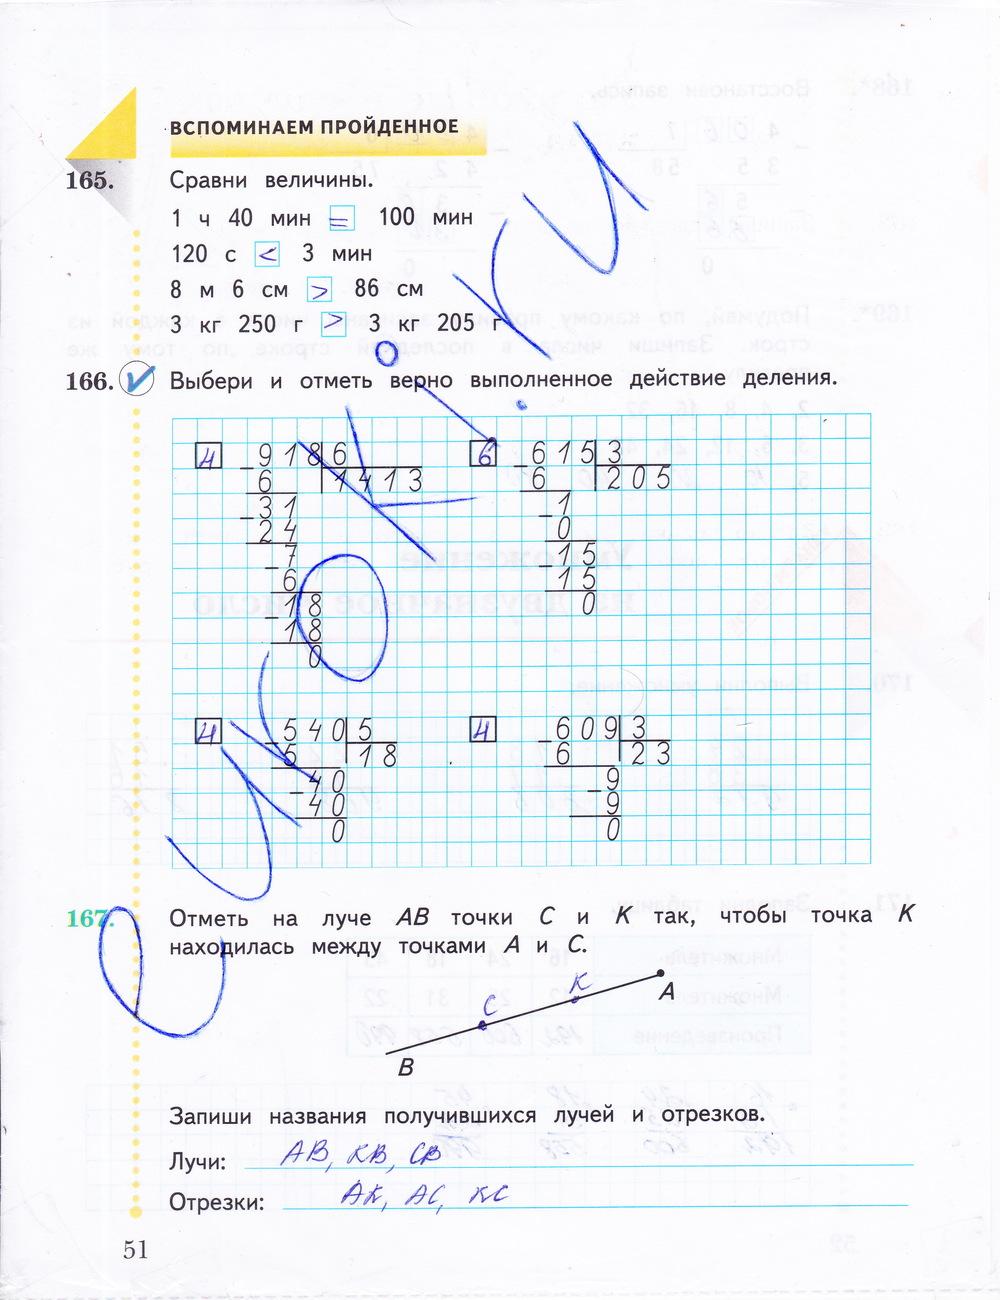 вентана 2 тетрадь рабочая граф класс по математике решебник